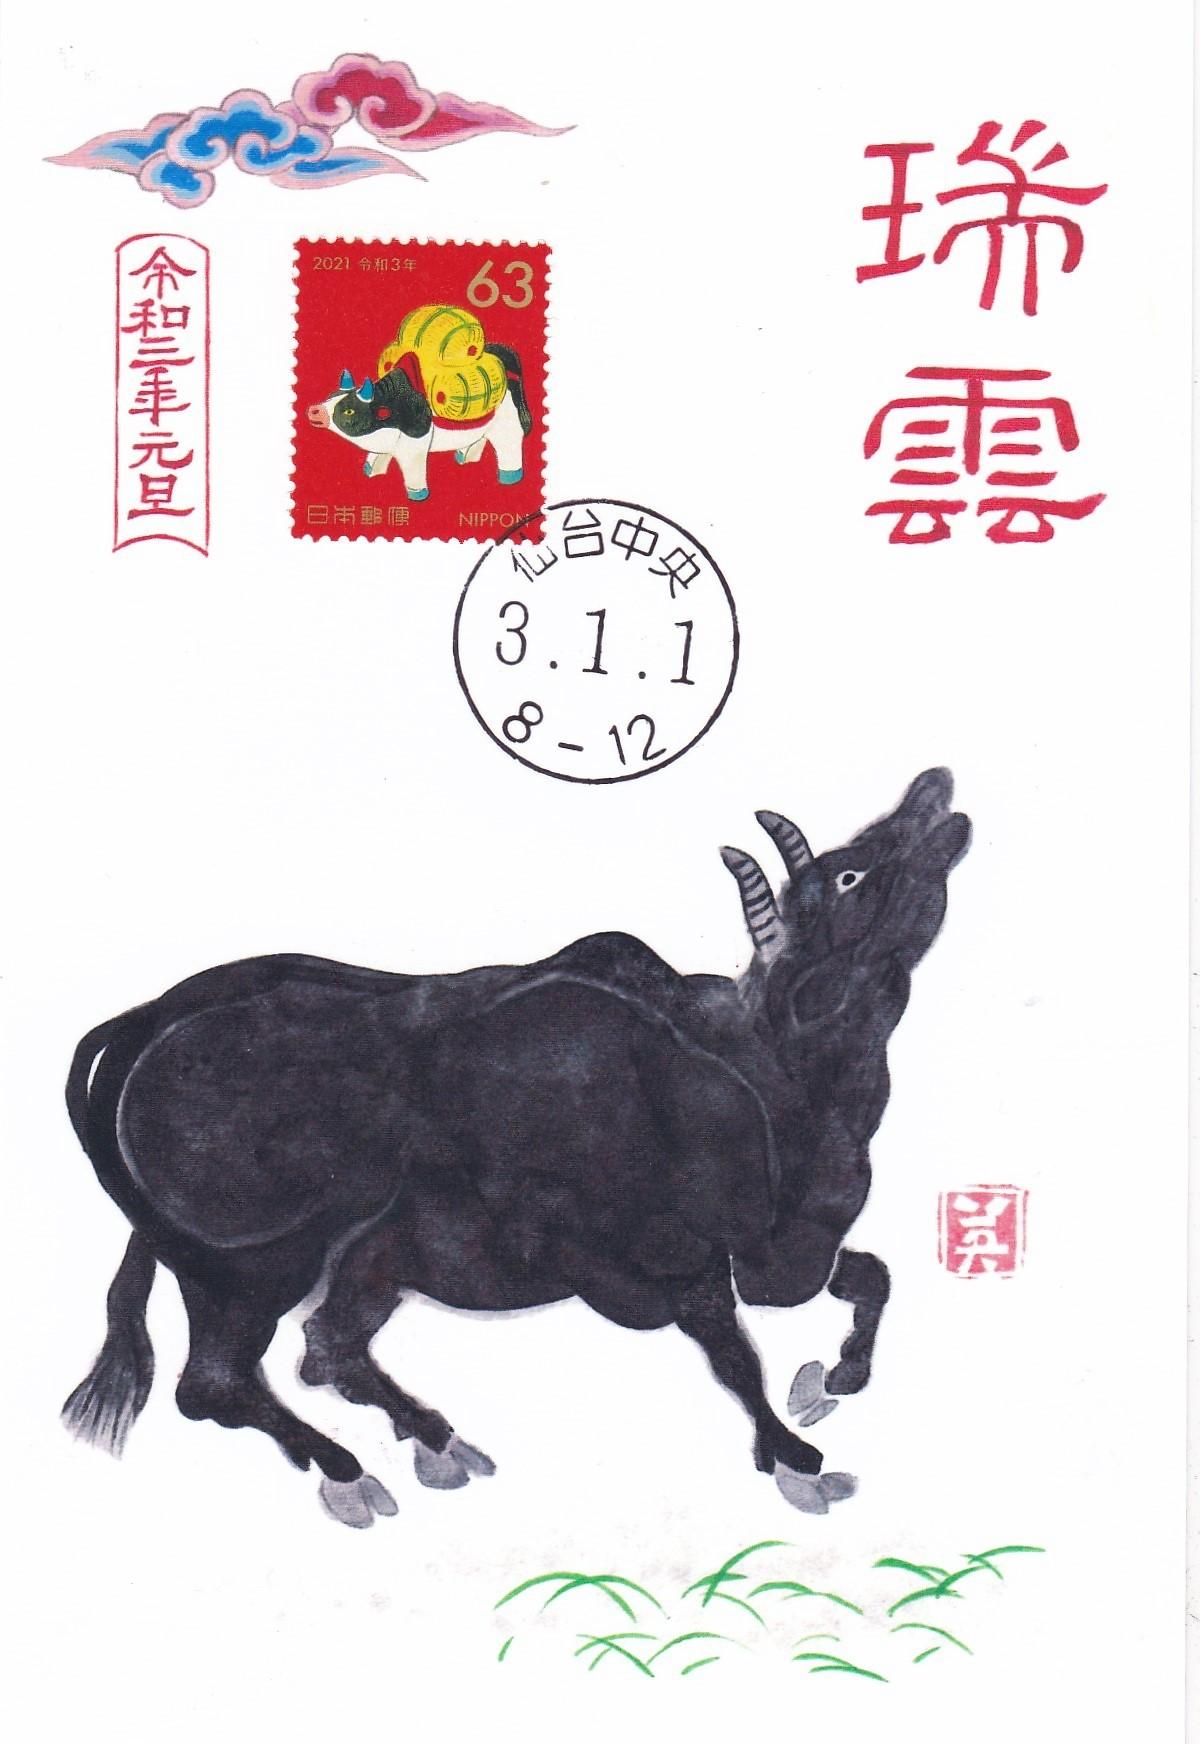 1月1日の記念押印と牛さんのコラボ_b0124466_11145459.jpg